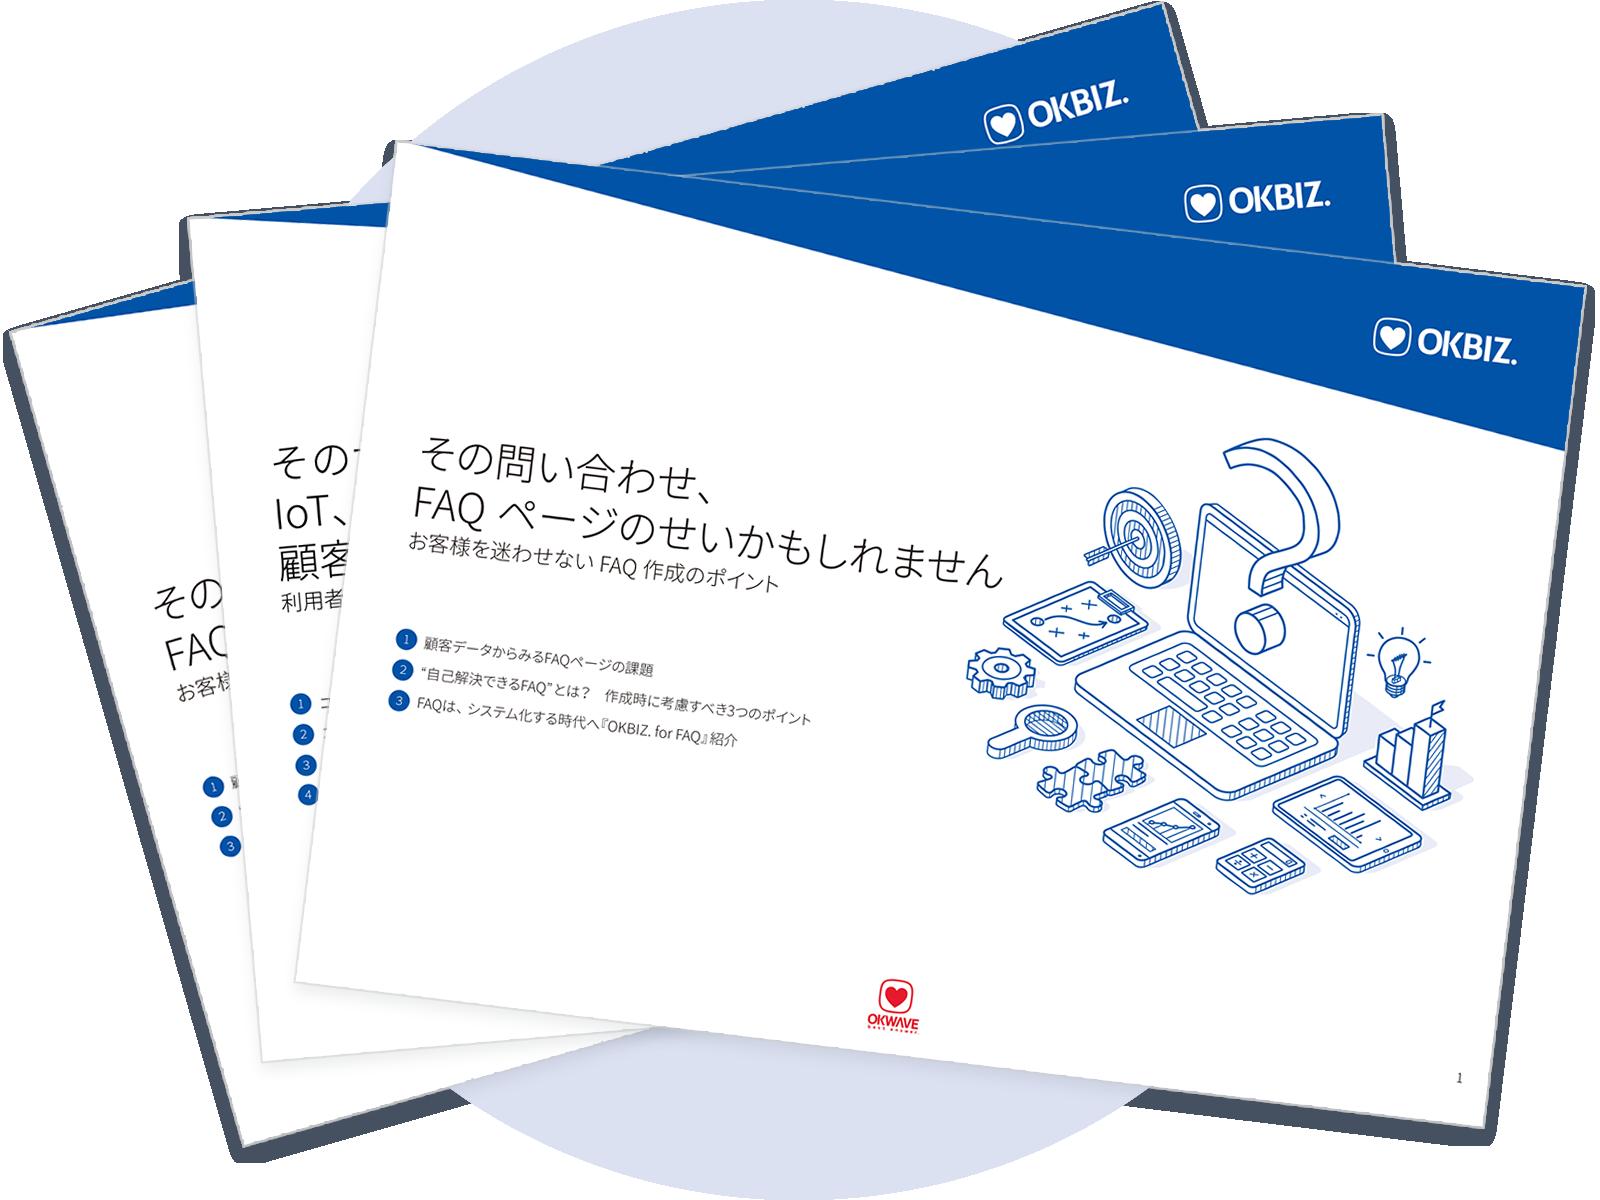 【お役立ち資料ダウンロード